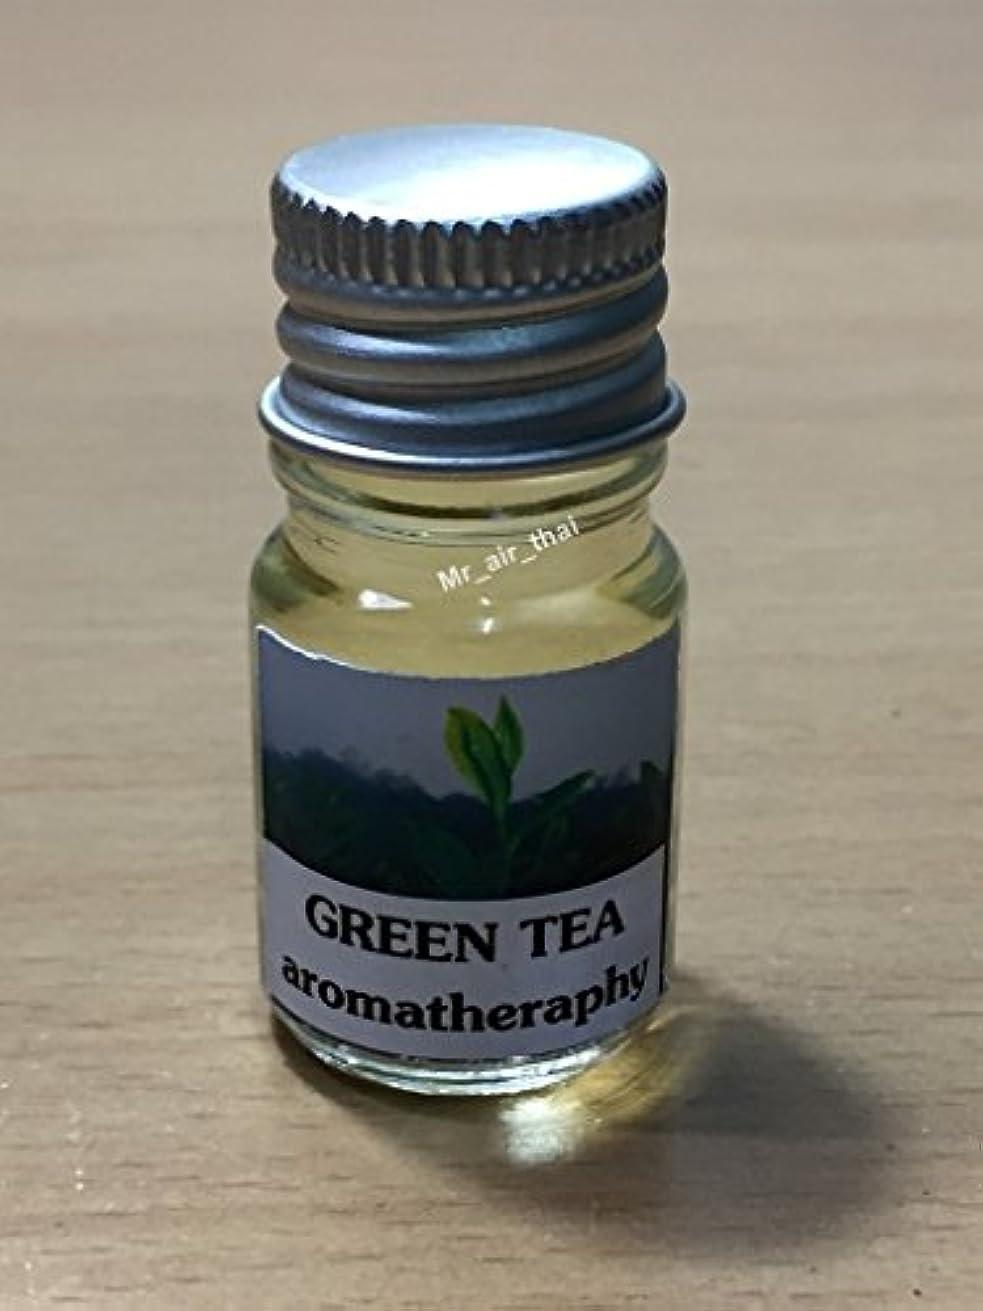 登録するアンデス山脈引っ張る5ミリリットルアロマ緑茶フランクインセンスエッセンシャルオイルボトルアロマテラピーオイル自然自然5ml Aroma Green Tea Frankincense Essential Oil Bottles Aromatherapy...